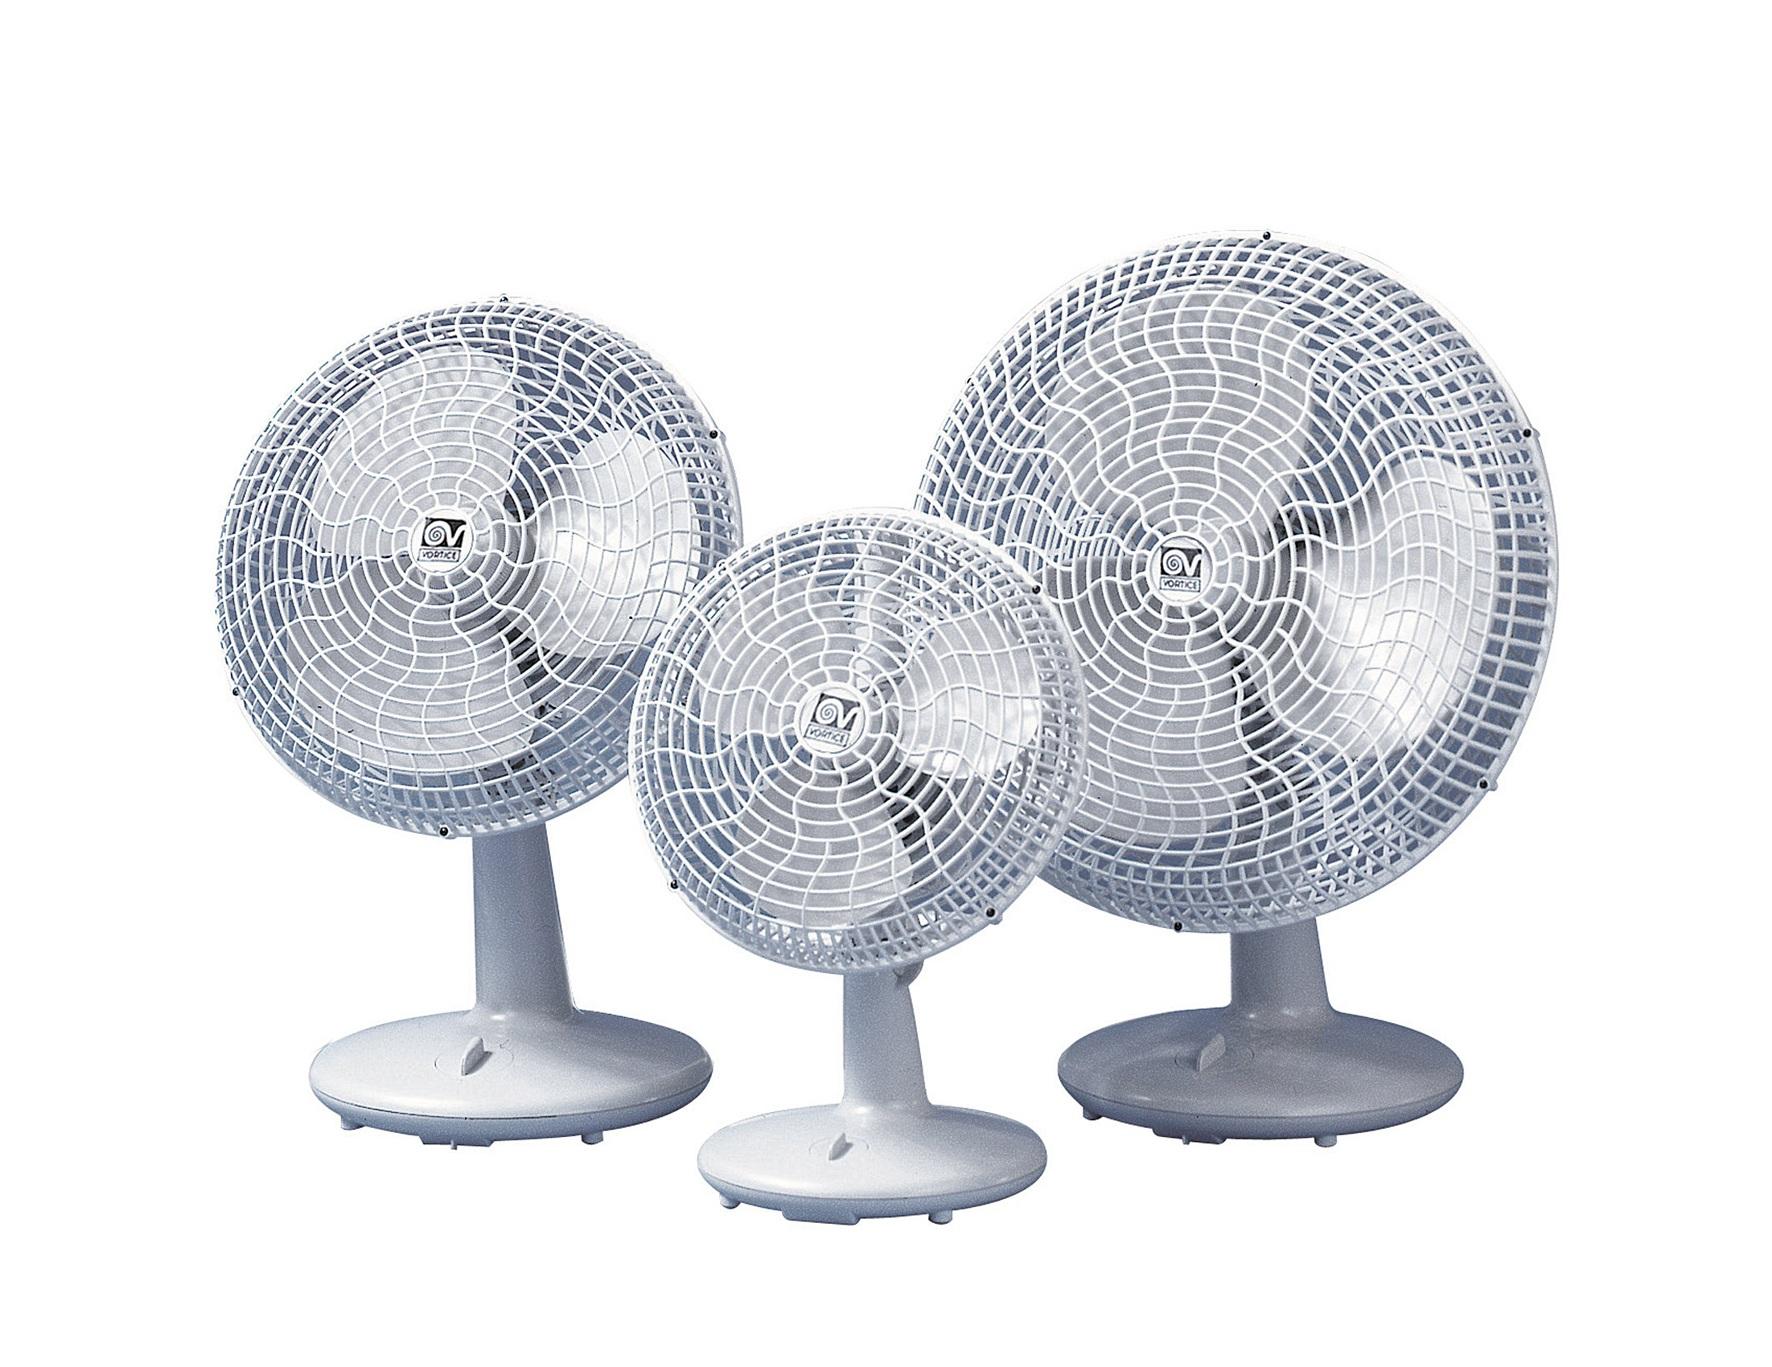 Vortice ventilatore gordon da tavolo piccolipiaceri - Ventilatori da soffitto vortice ...